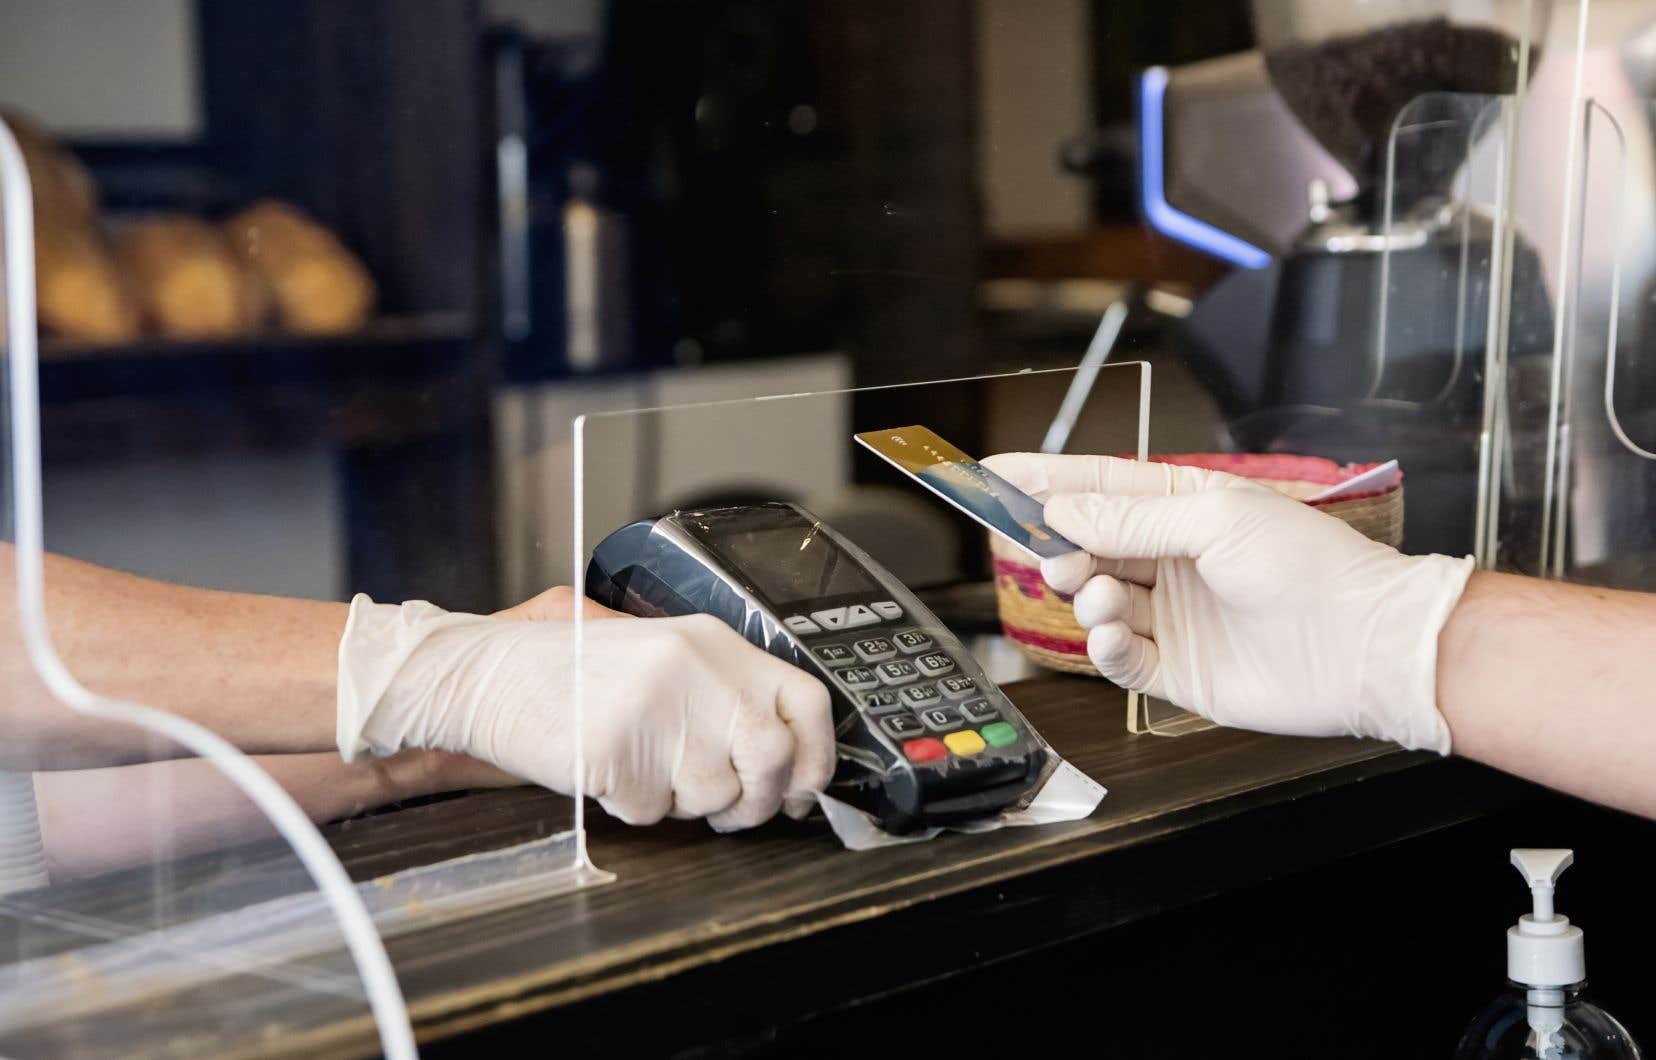 Près d'un client sur quatre des principales sociétés de cartes de crédit n'a pas été en mesure d'effectuer des paiements mensuels ce printemps.